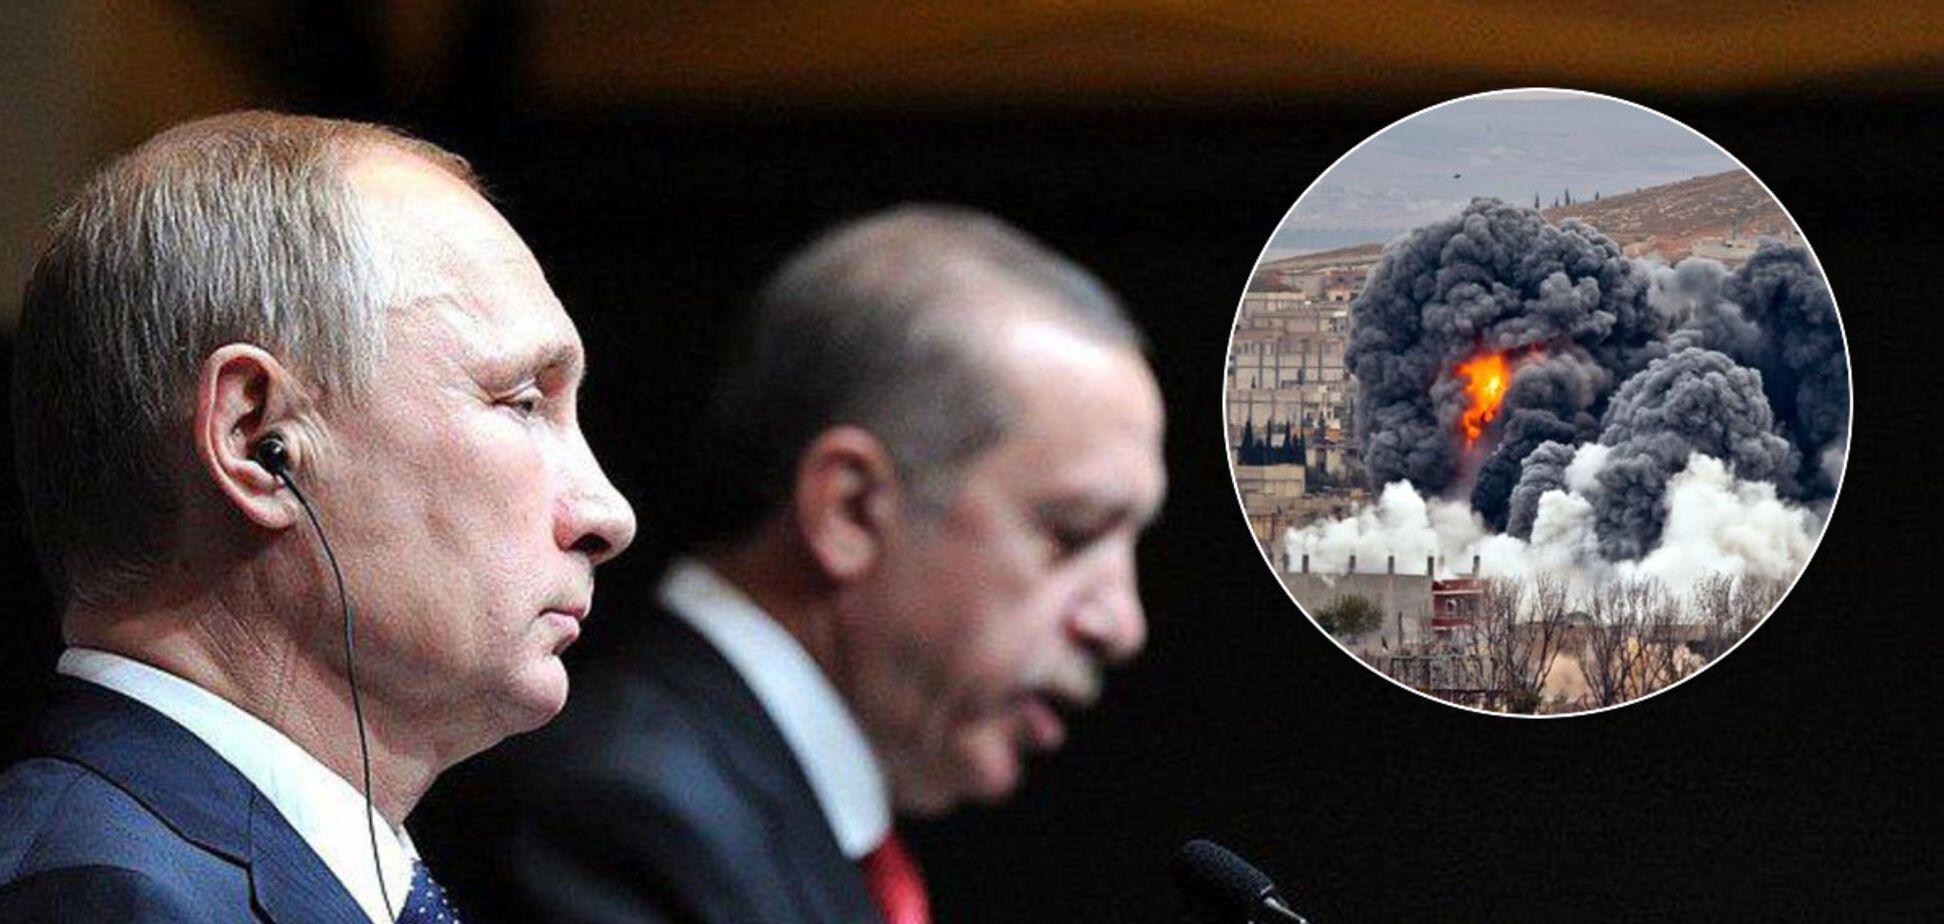 Росії загрожує війна з країною НАТО? Чим закінчиться загострення в Сирії